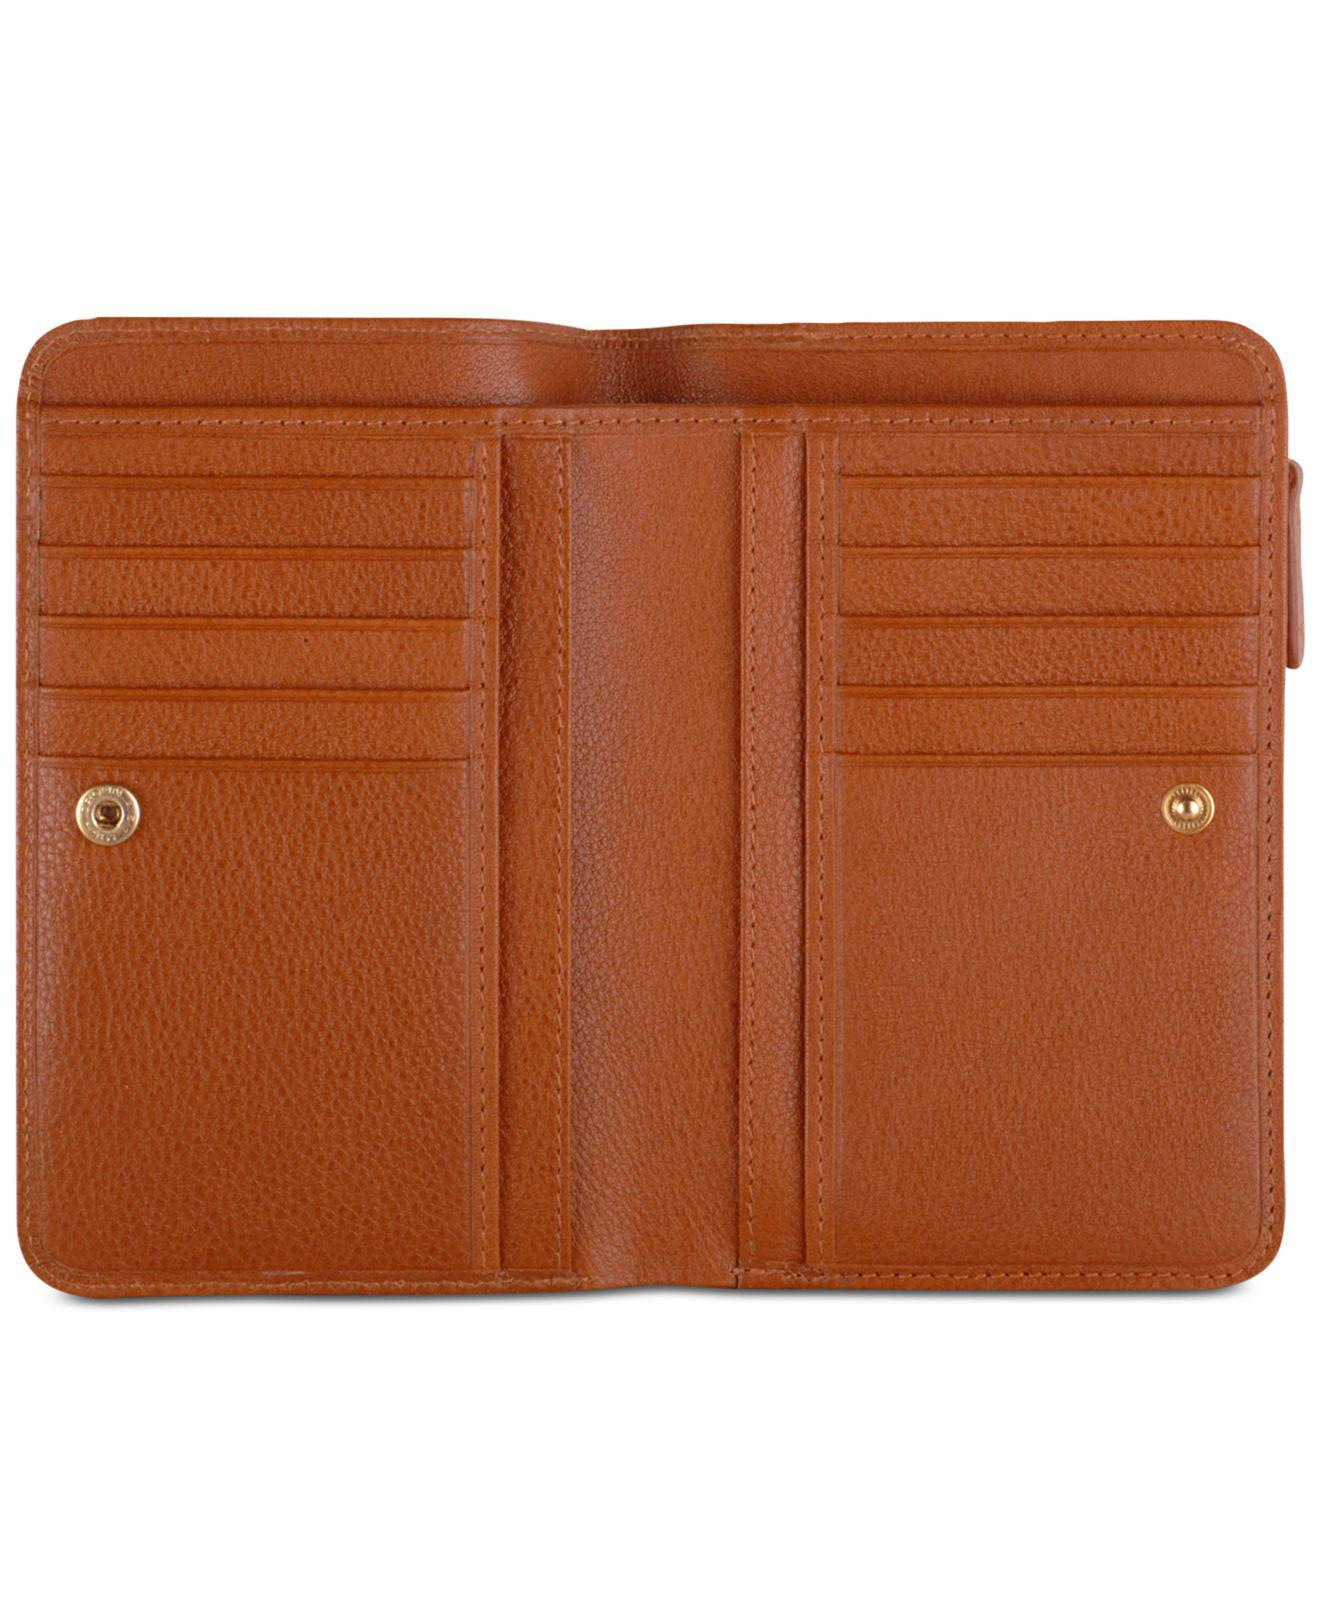 09da3f916957 Lyst - Radley Pockets Medium Zip Around Leather Wallet in Brown